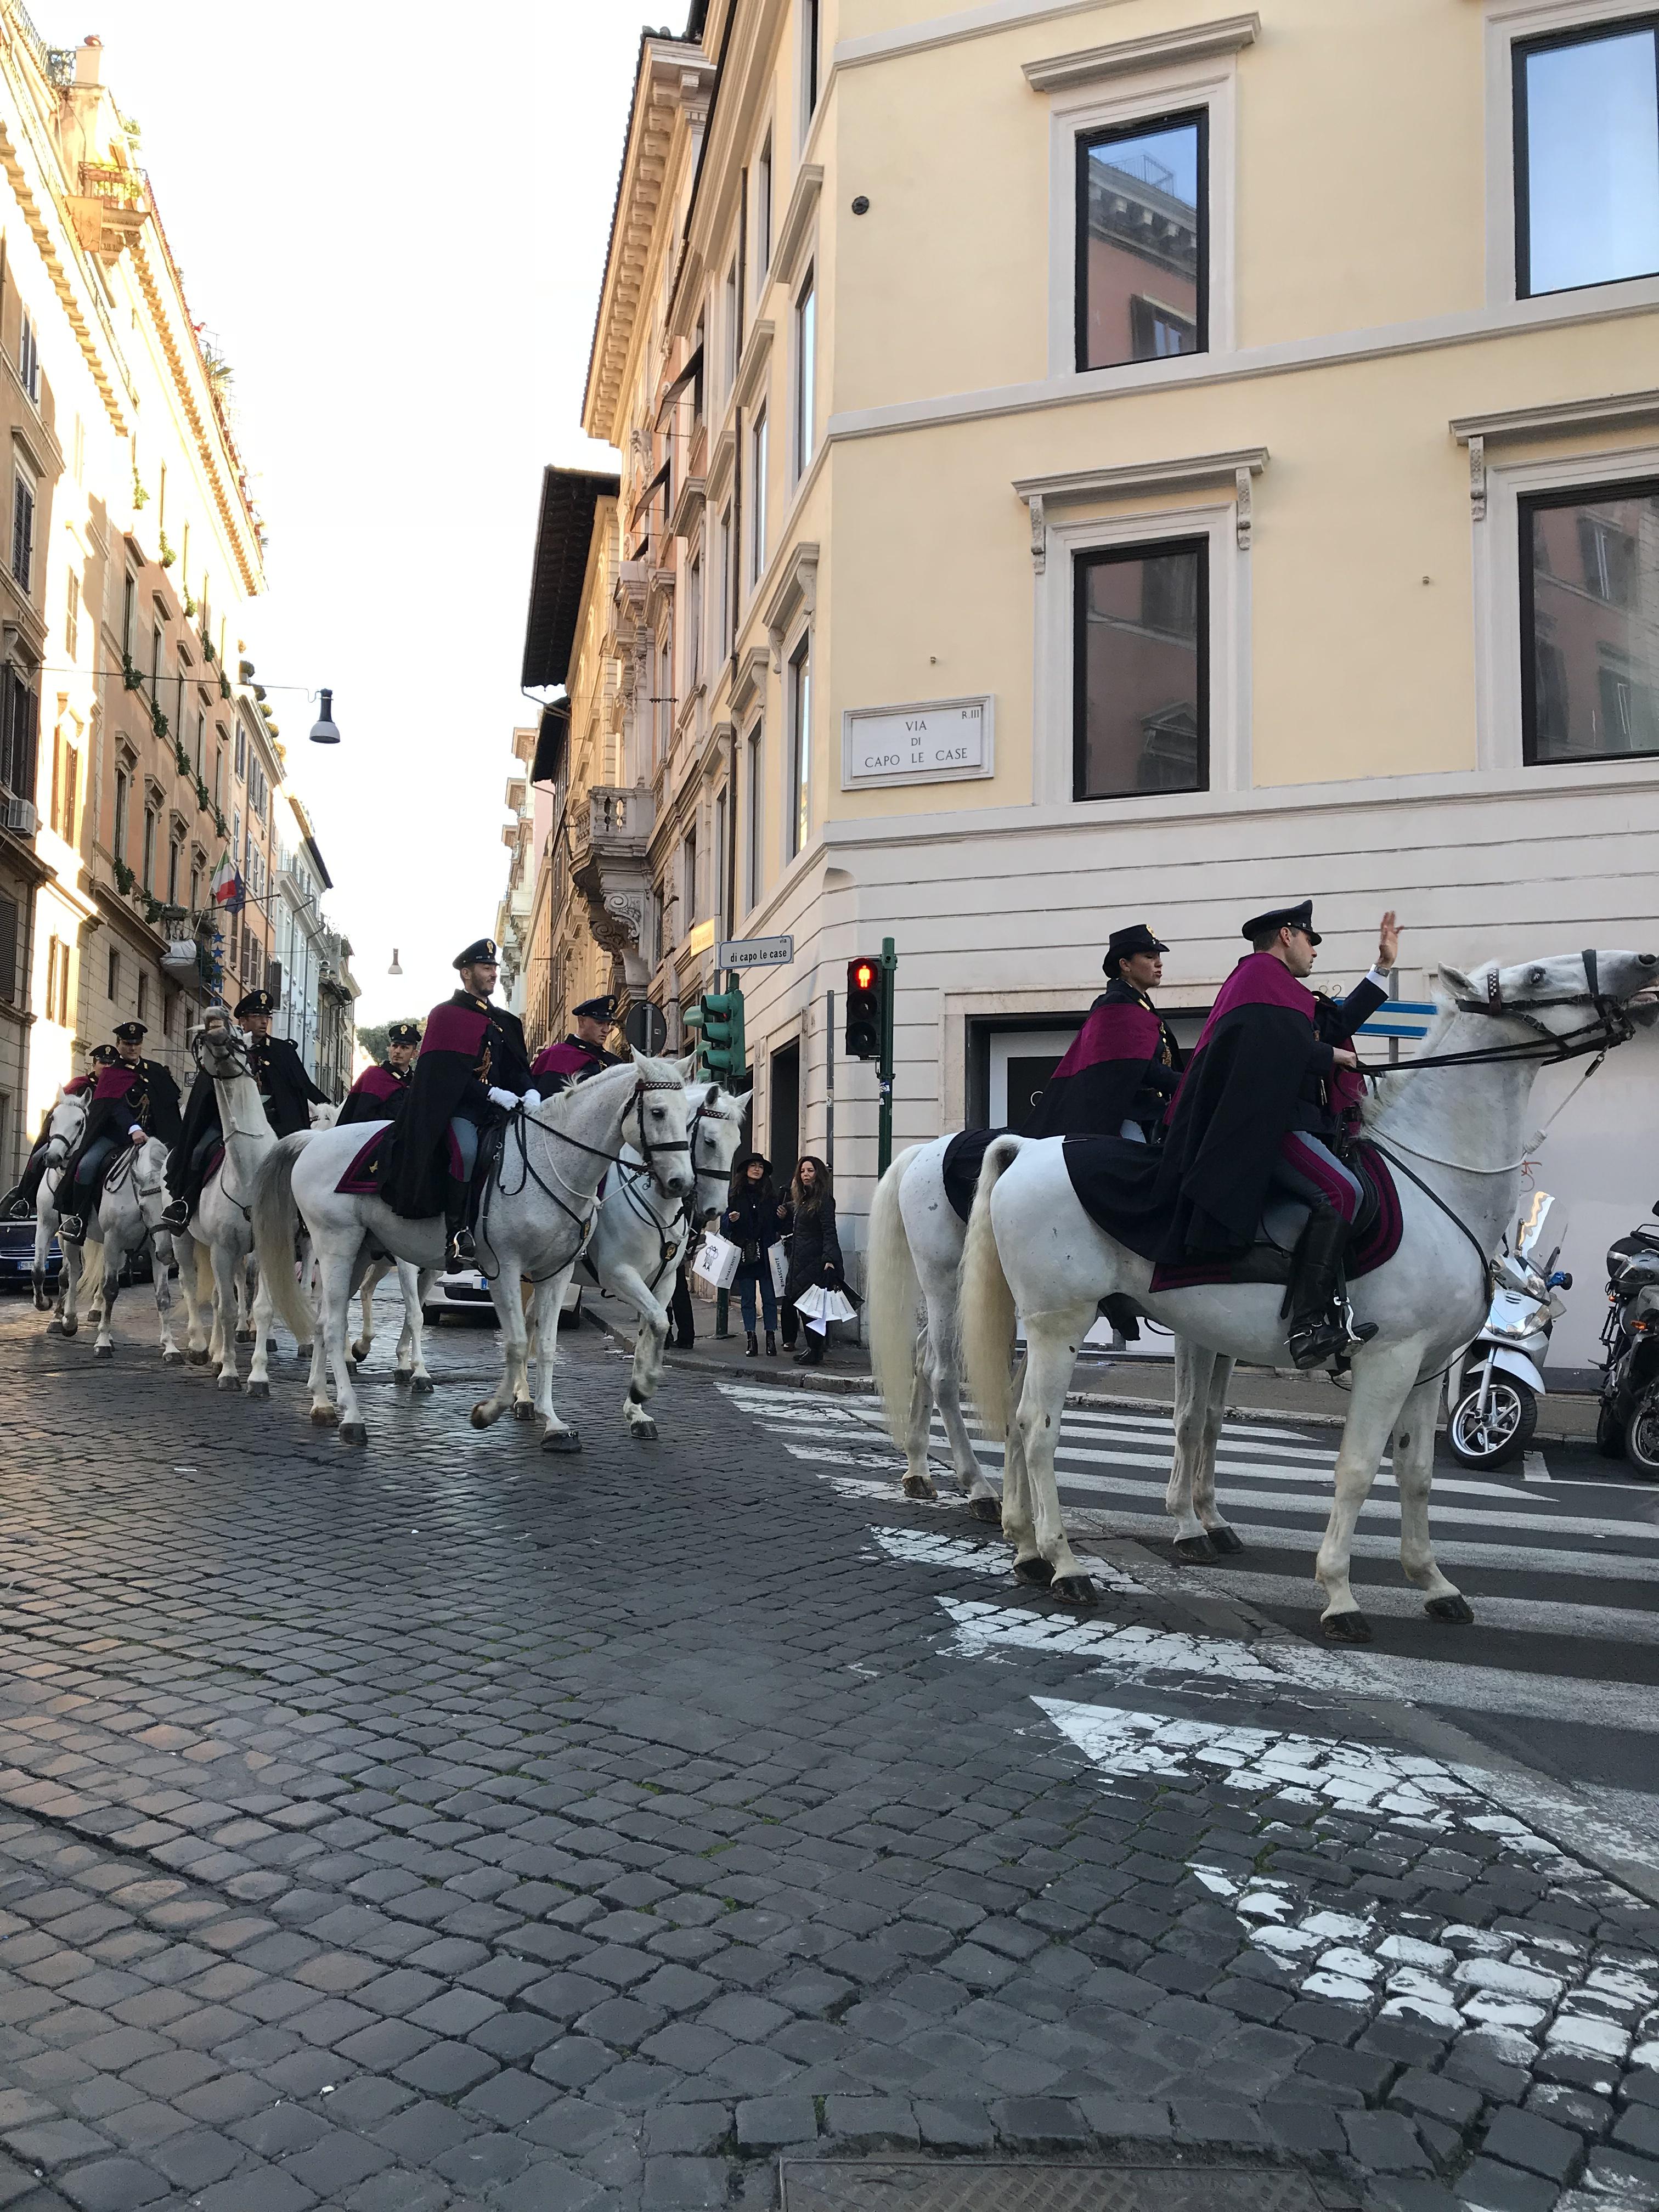 ローマ 観光の大まかな感想 2017年12月